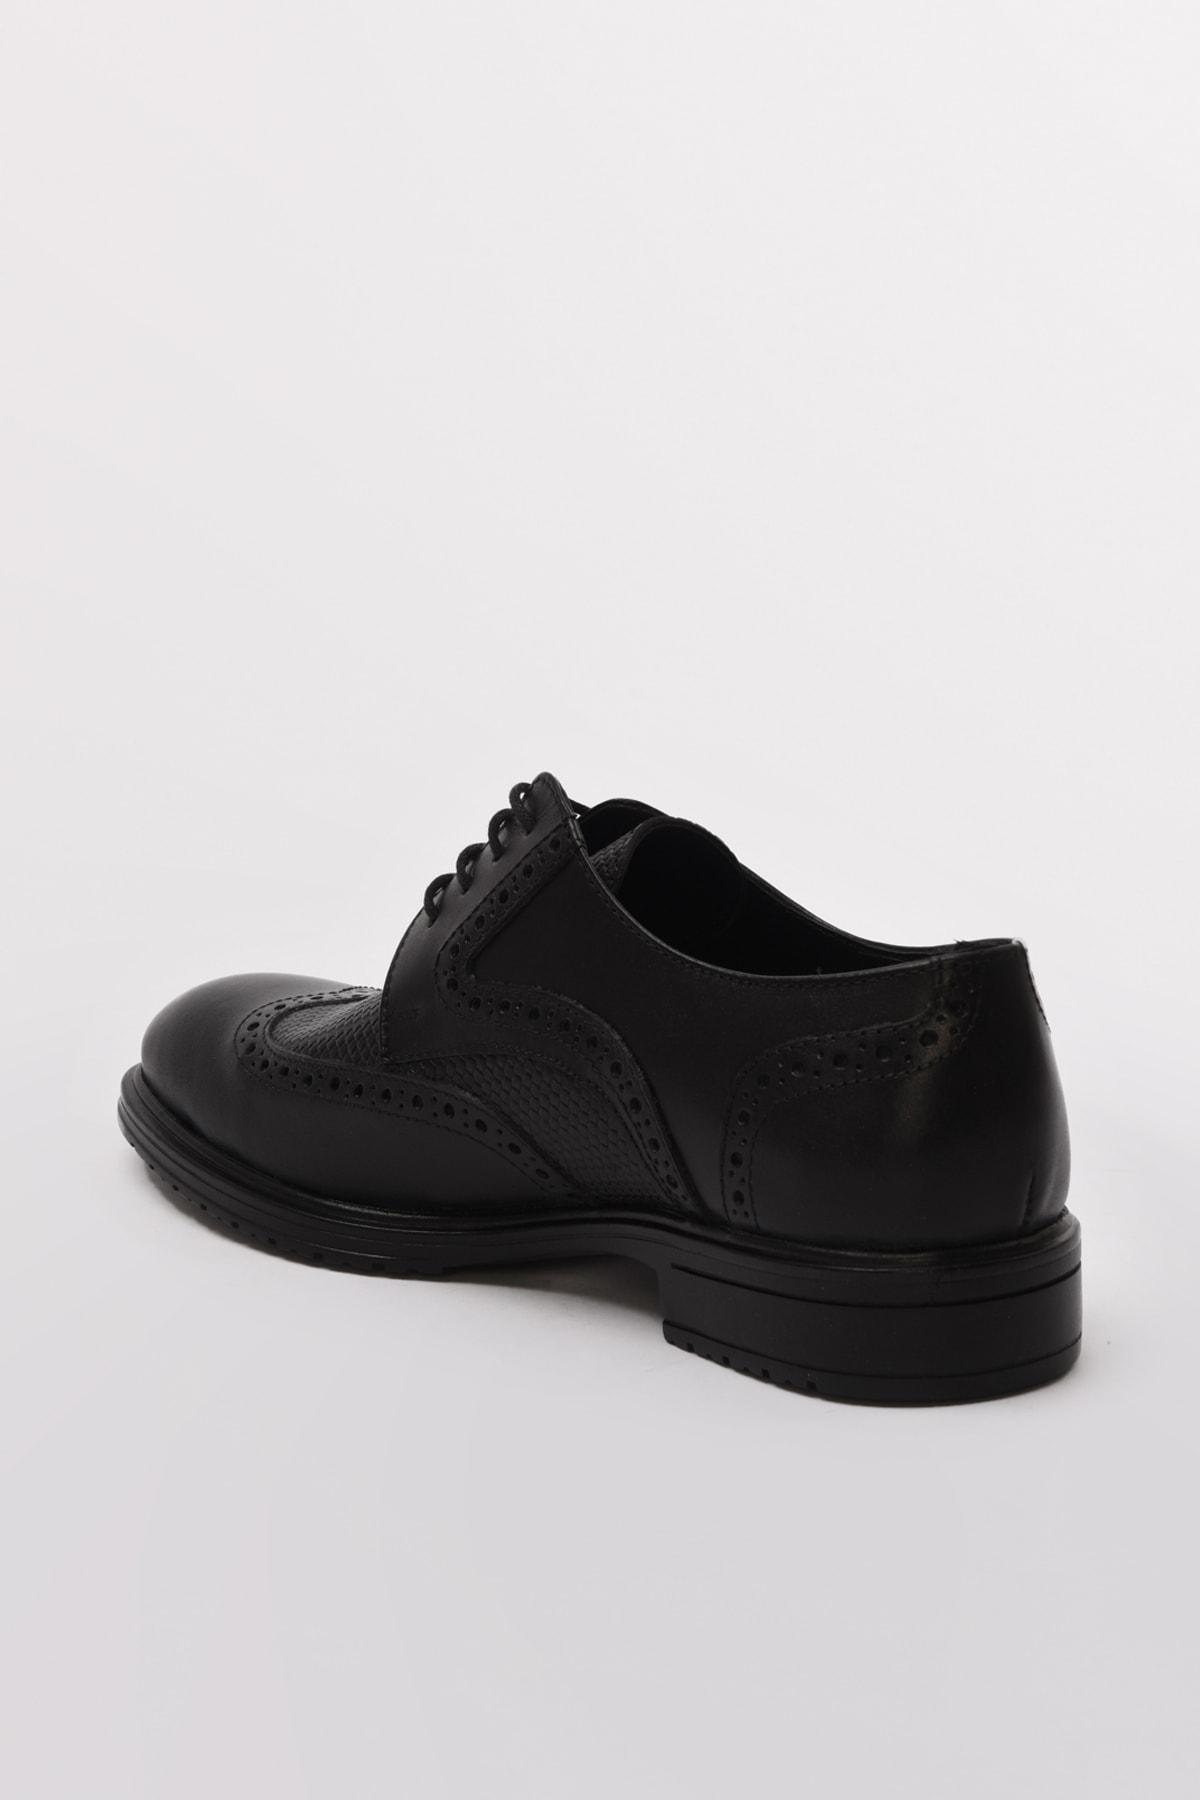 Hotiç Hakiki Deri Sıyah Casual Ayakkabı 02AYH190550A100 2